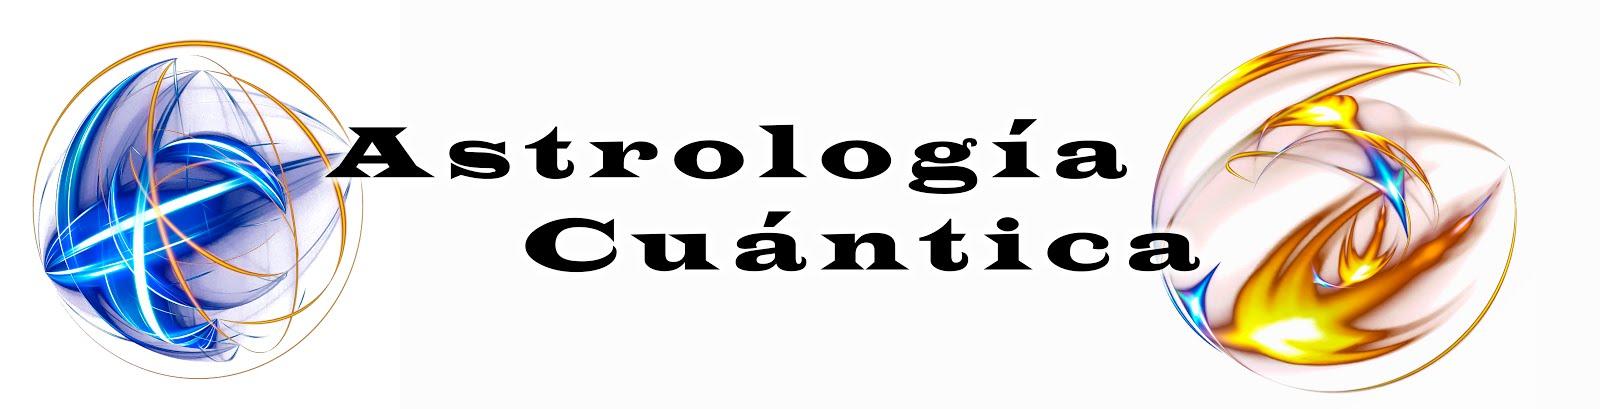 Astrología Cuántica y Descodificación